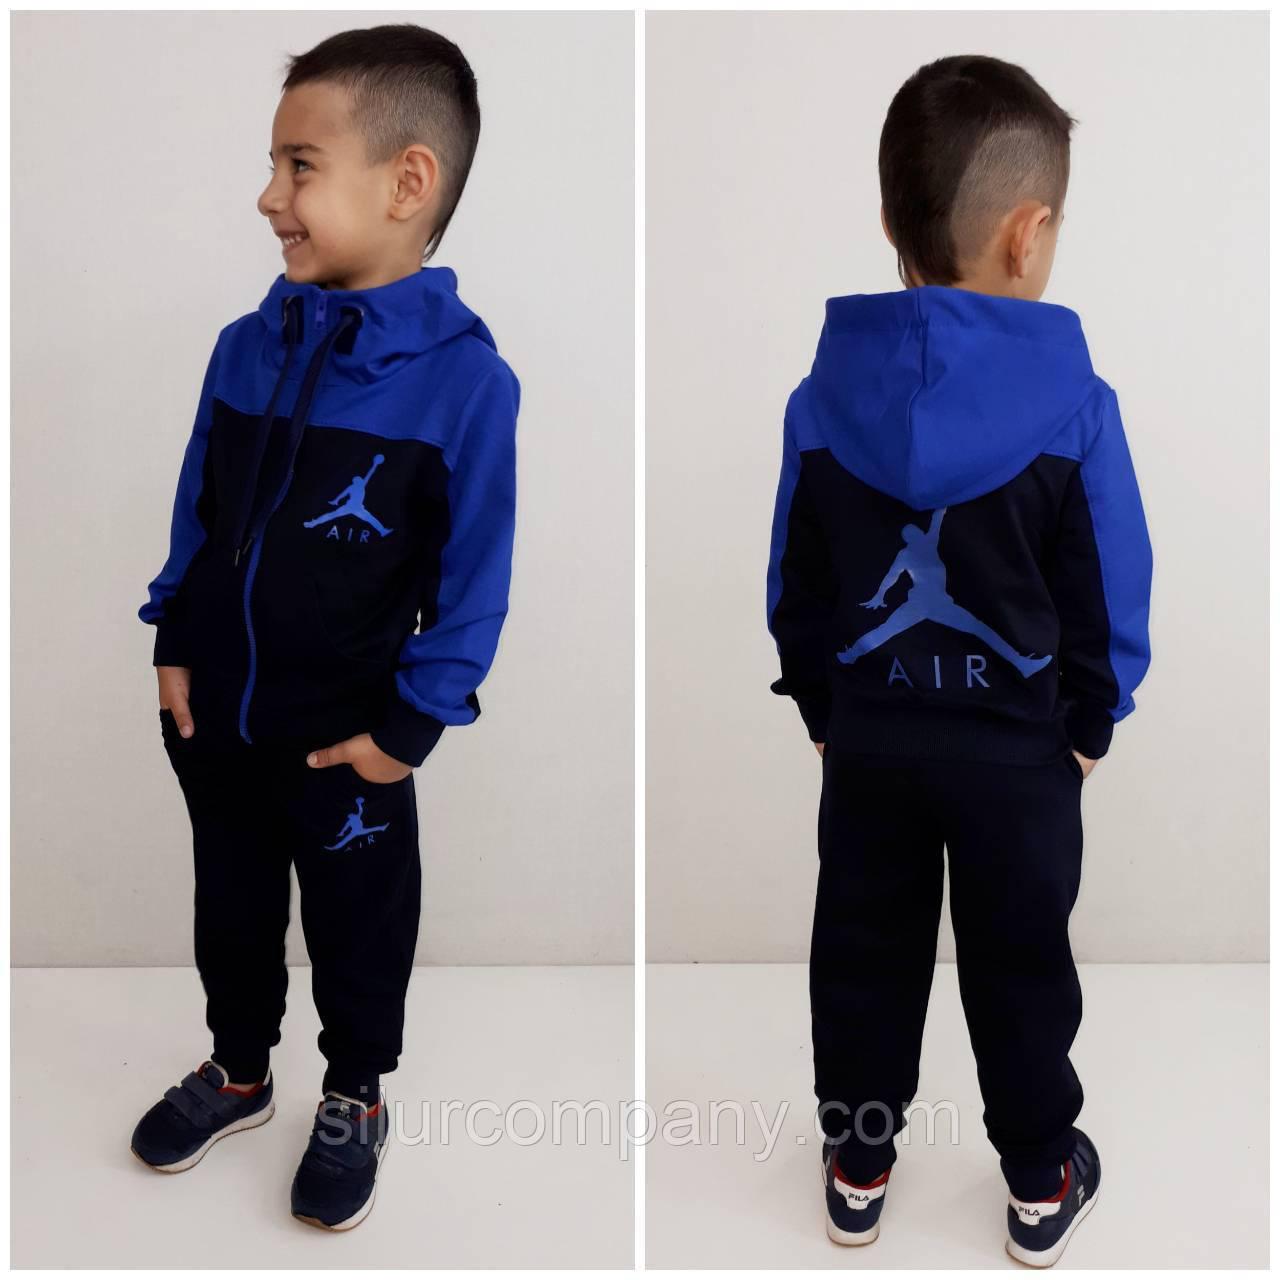 ab5e21f9f00 Синий яркий спортивный костюм Найк для мальчика